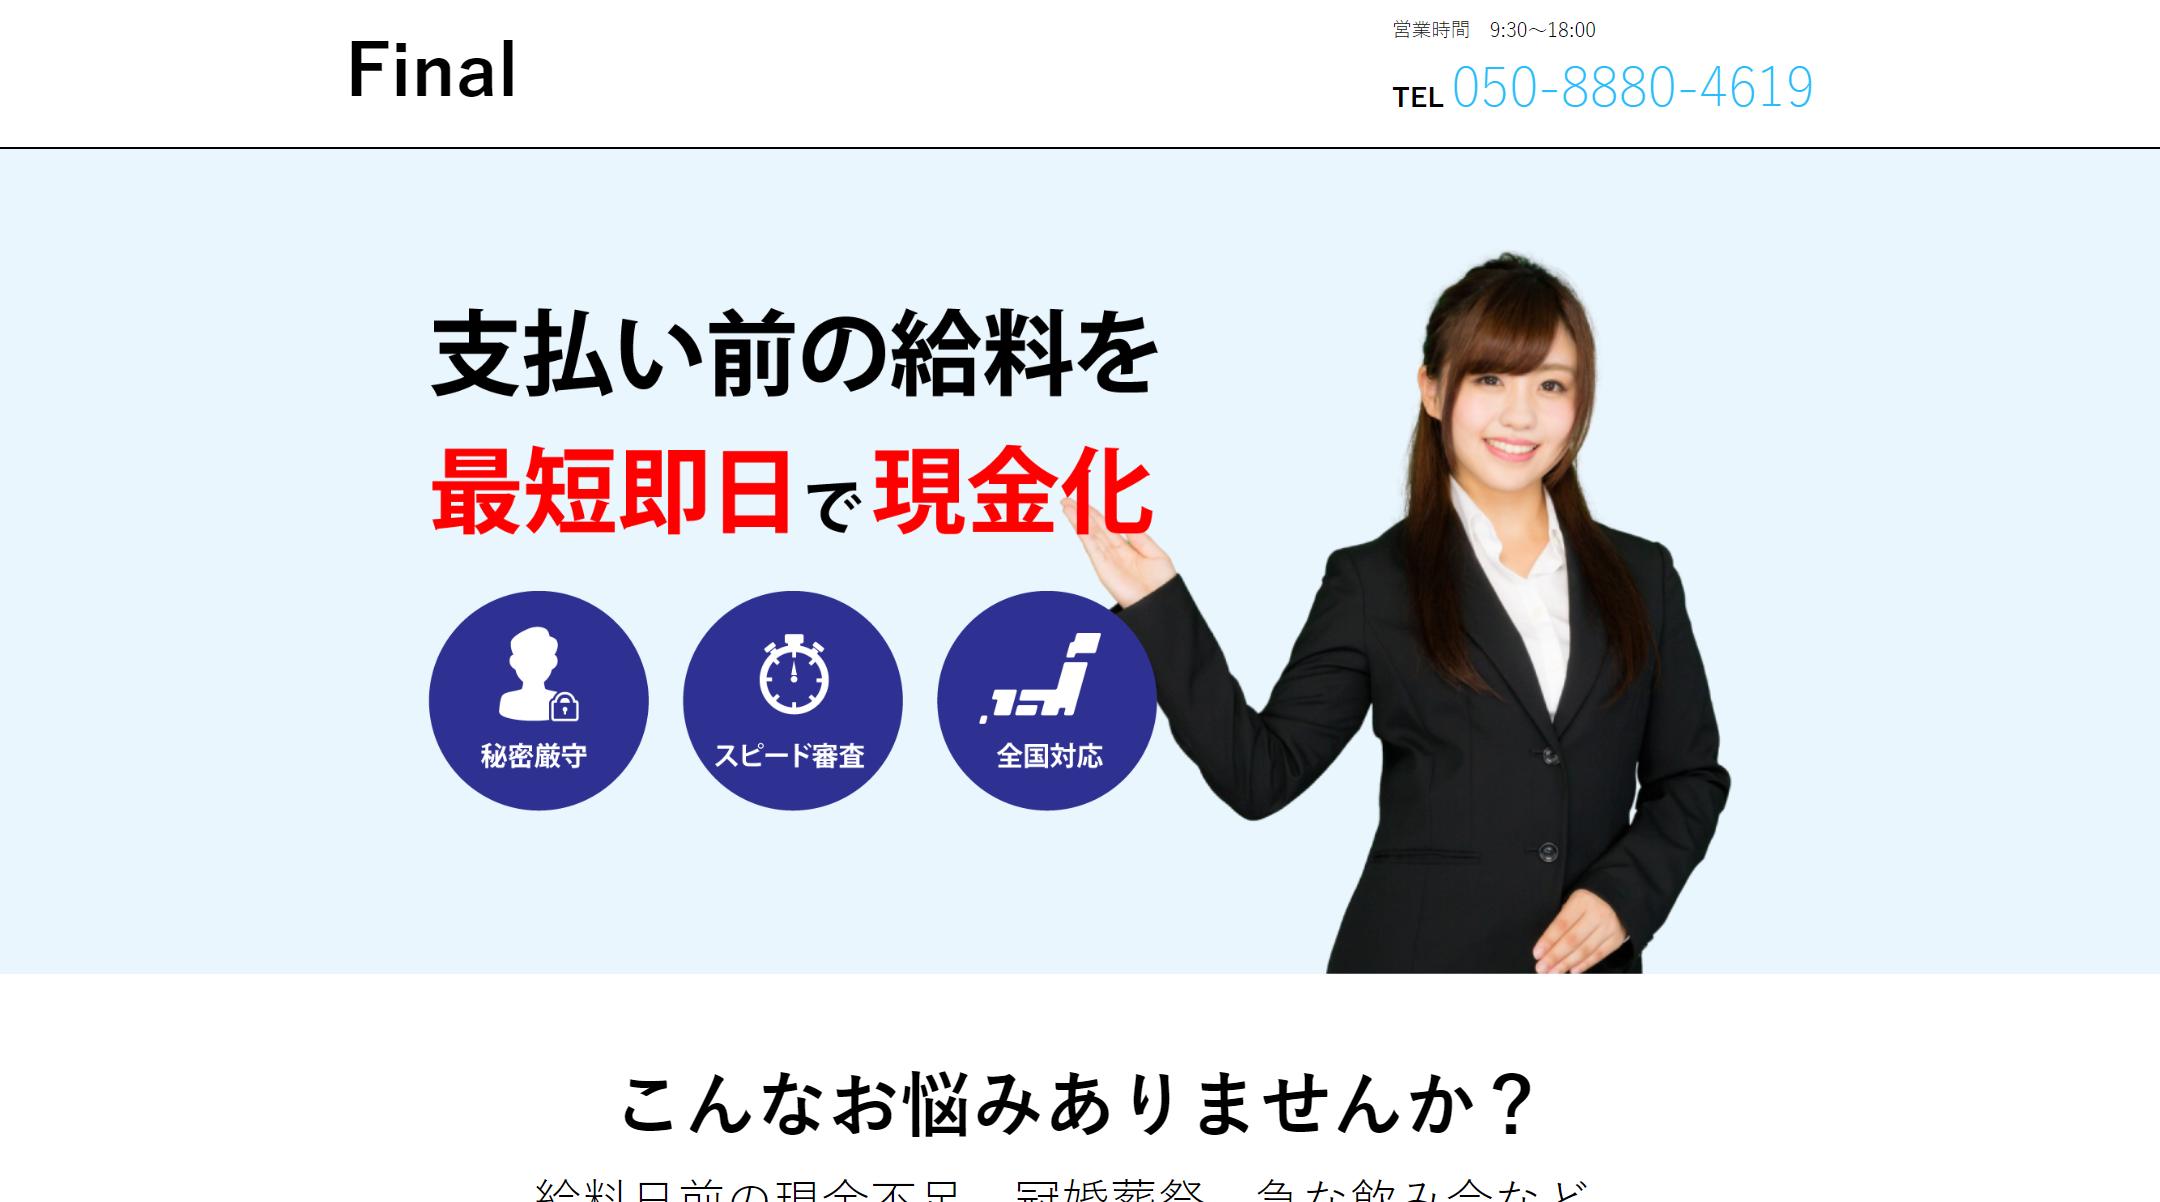 【口コミ・評判】Final【給料ファクタリング業者】